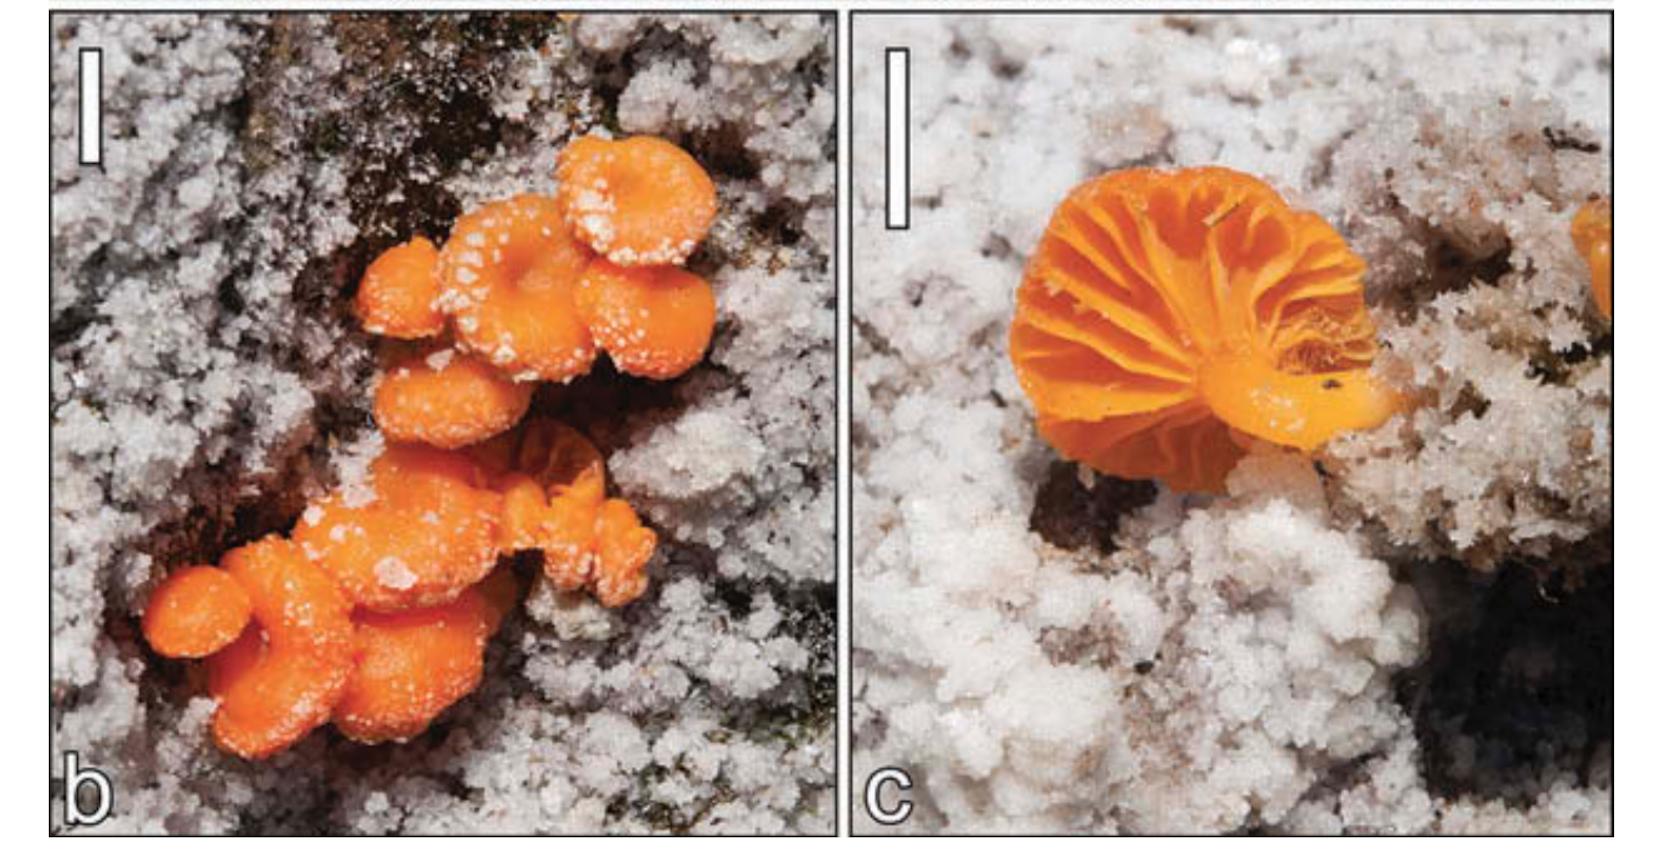 Lichenomphalia altoandina ; a new species of desiccation and salt tolerant basidiolichen.  Sandoval-Leiva et al. 2017 .